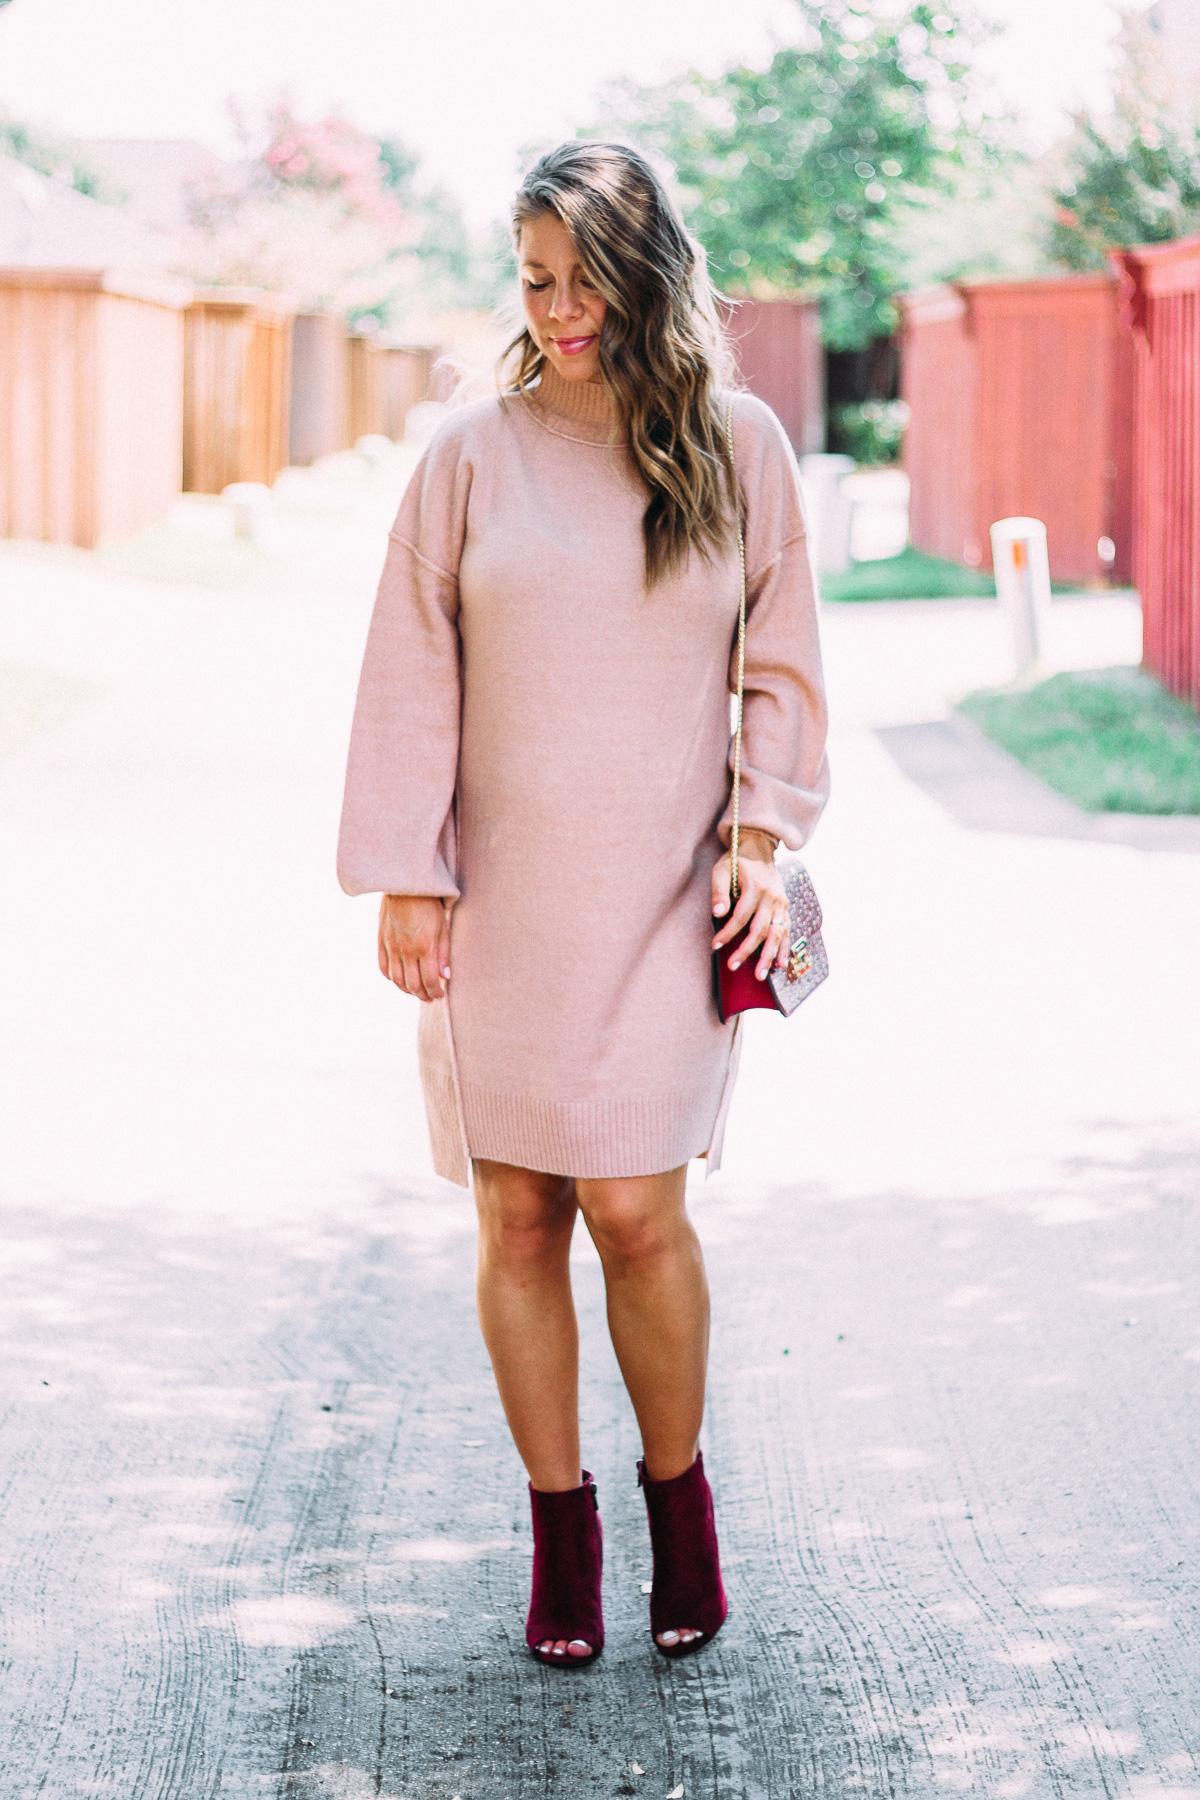 Pregnant-Fashion-Blogger-4868